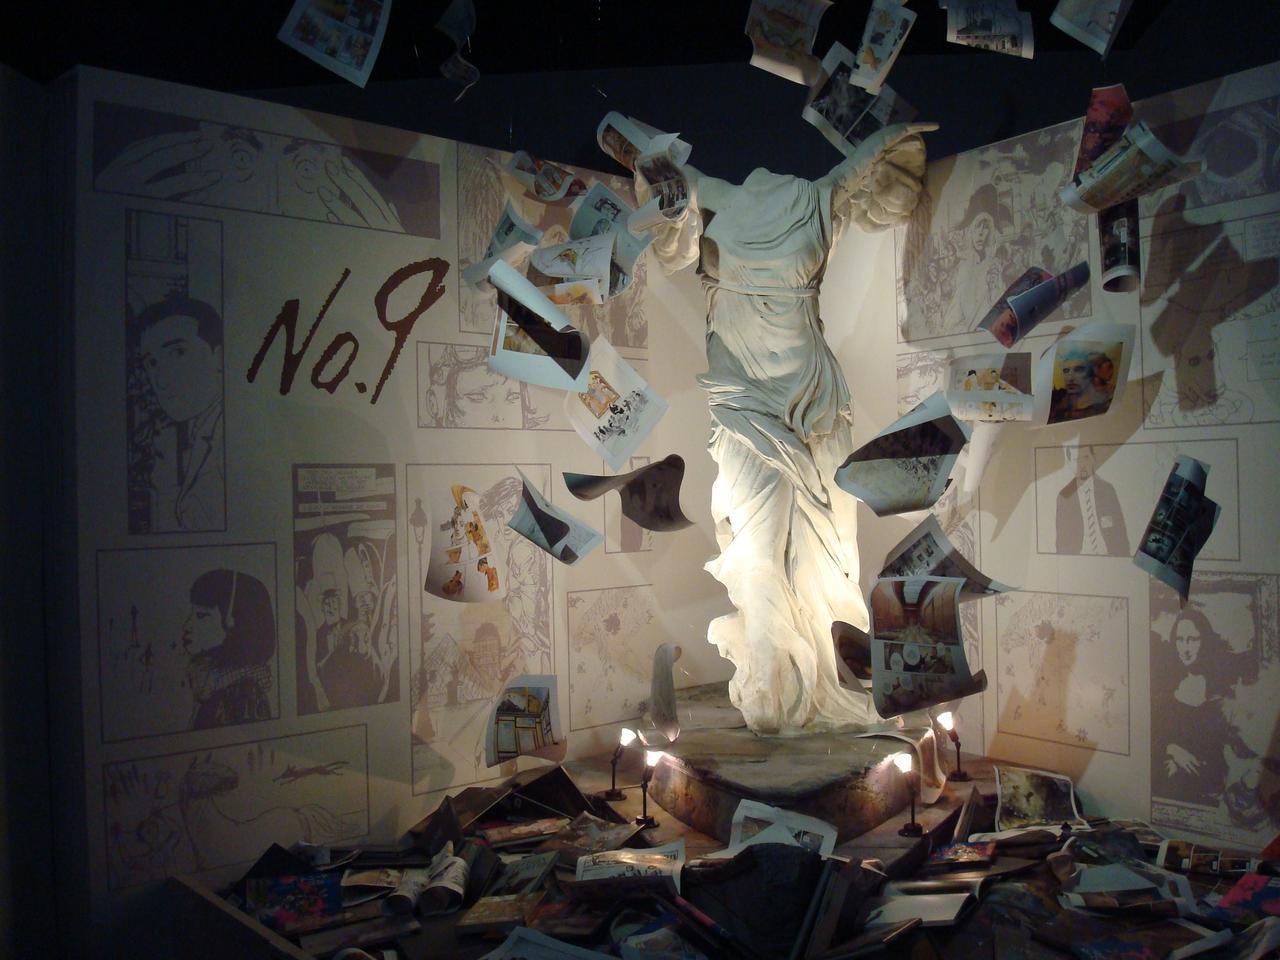 画像: 「サモトラケのニケ」のレプリカ